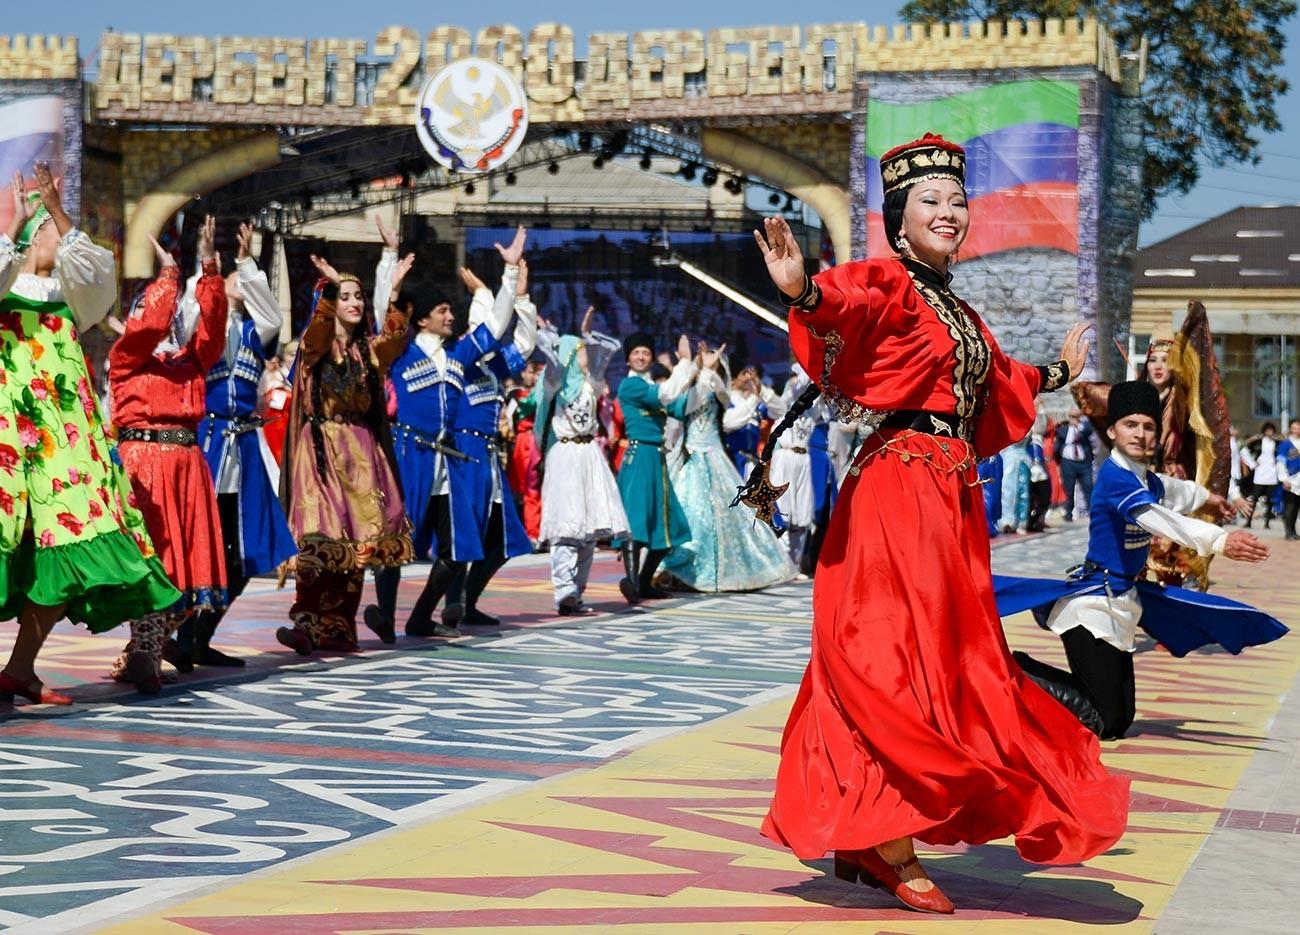 Festival de povos do Daguestão em Derbente